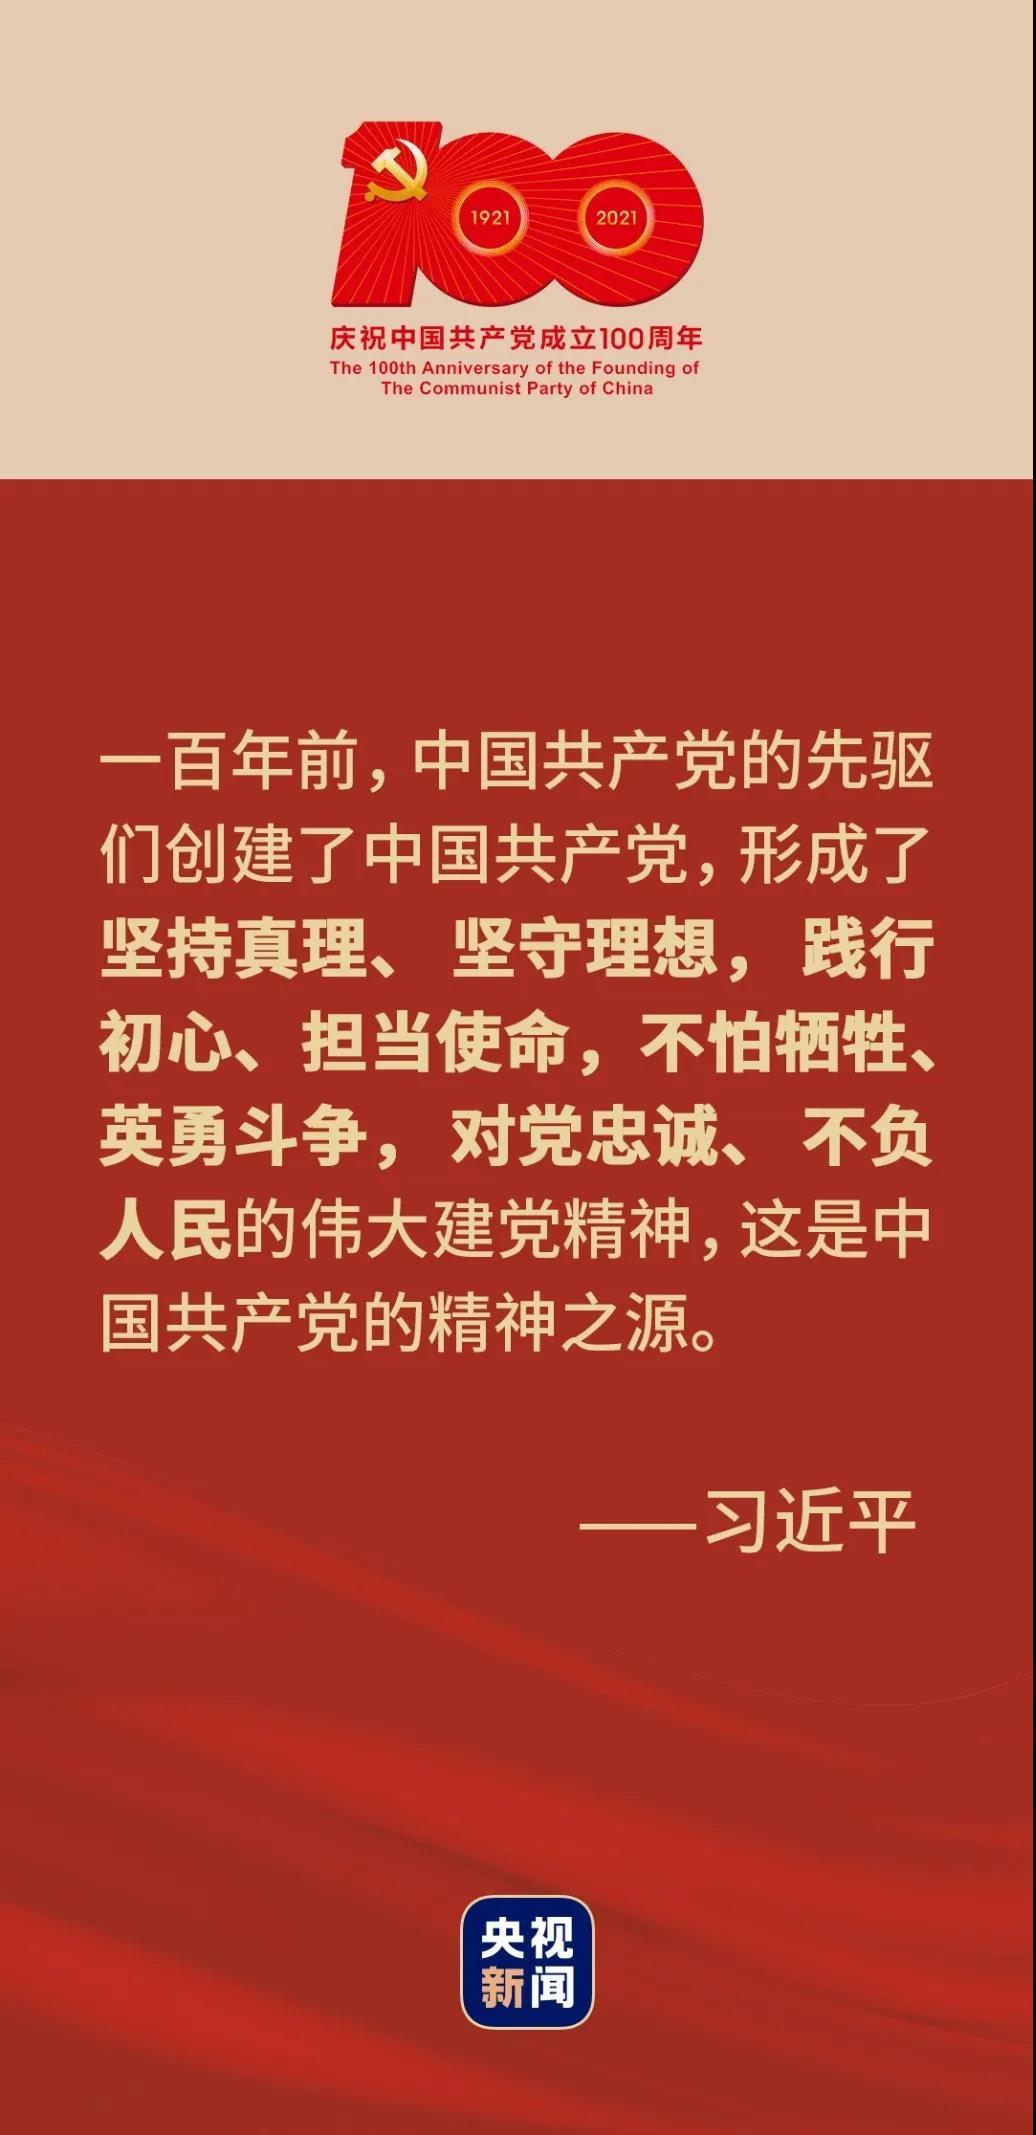 赢咖3平台注册:大党丨百年史诗 精神为源(图1)